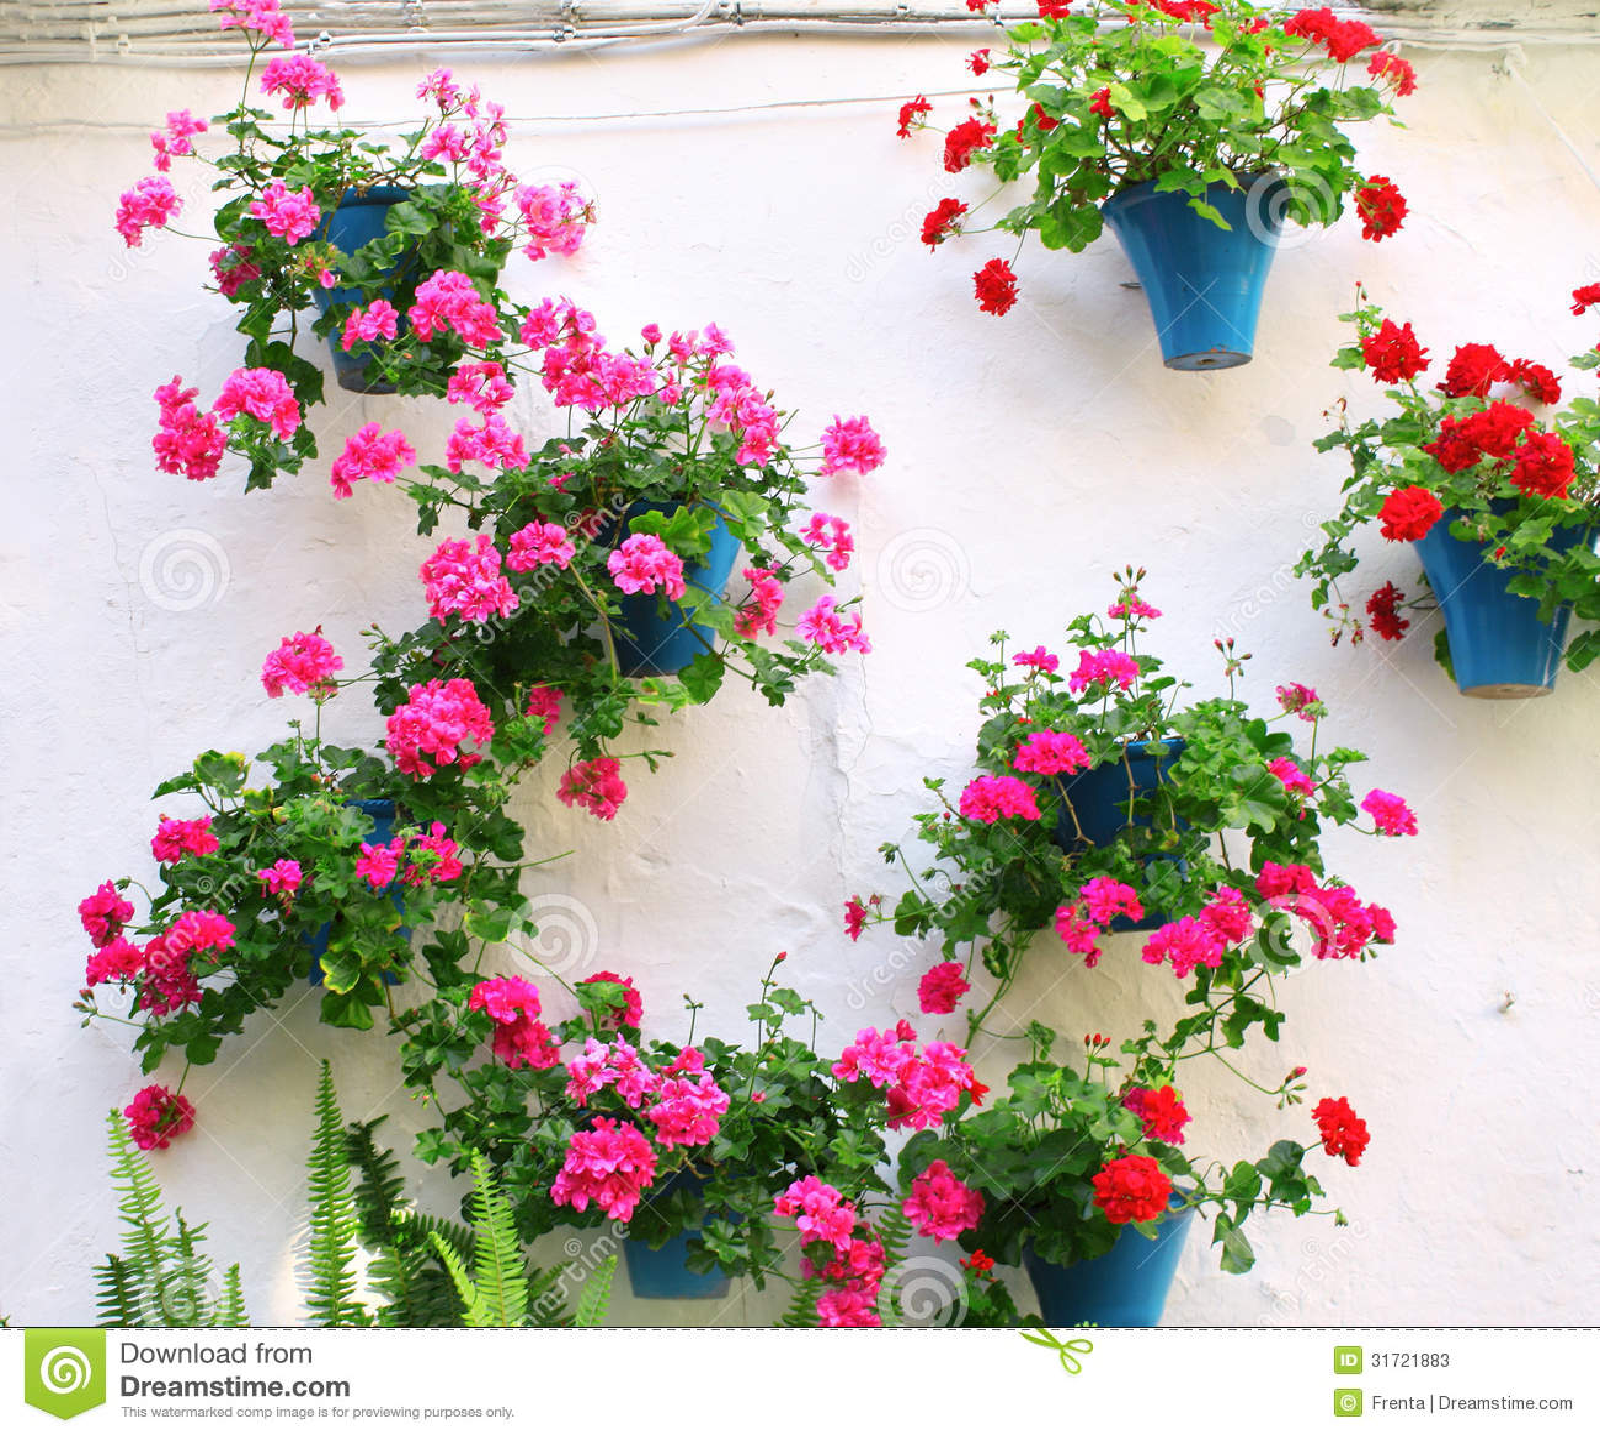 Омела - оптовый склад - Пластиковые горшки для цветов 18